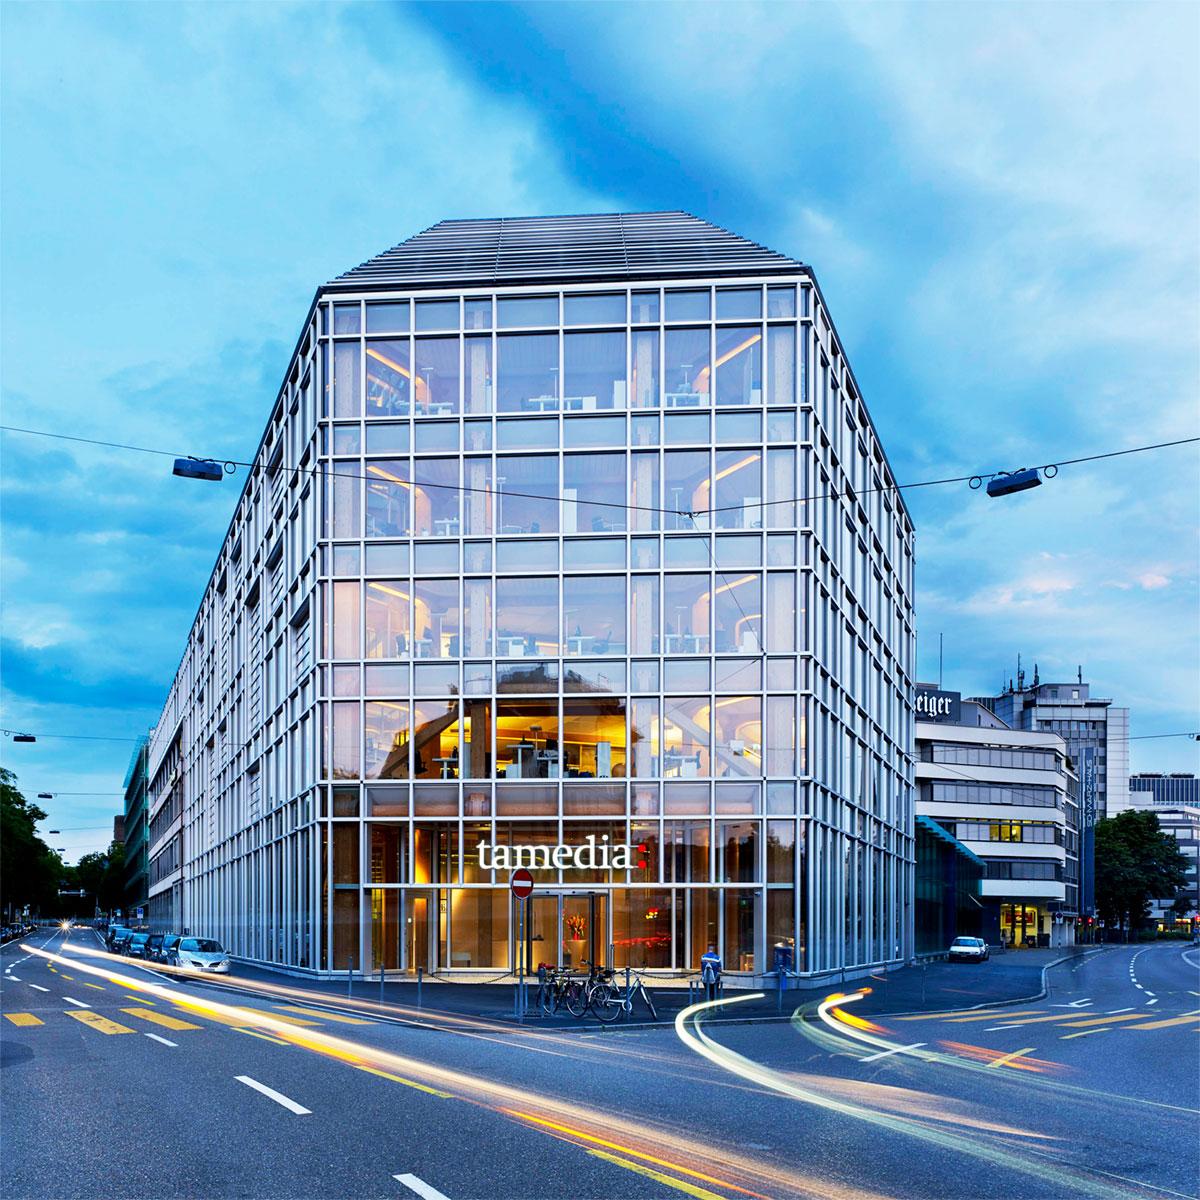 A sede do grupo editorial Tamedia, em Zurique, na Suiça, possui sistemas de envidraçamento de alumínio que ajudaram a criar uma construção de vidro e madeira altamente sustentável. Projetado por um dos principais arquitetos do Japão, Shigeru Ban, o projeto tem uma fachada pele de vidro tripla com três metros de profundidade para a elevação de 50m de comprimento com vistas sobre o rio Sihl.